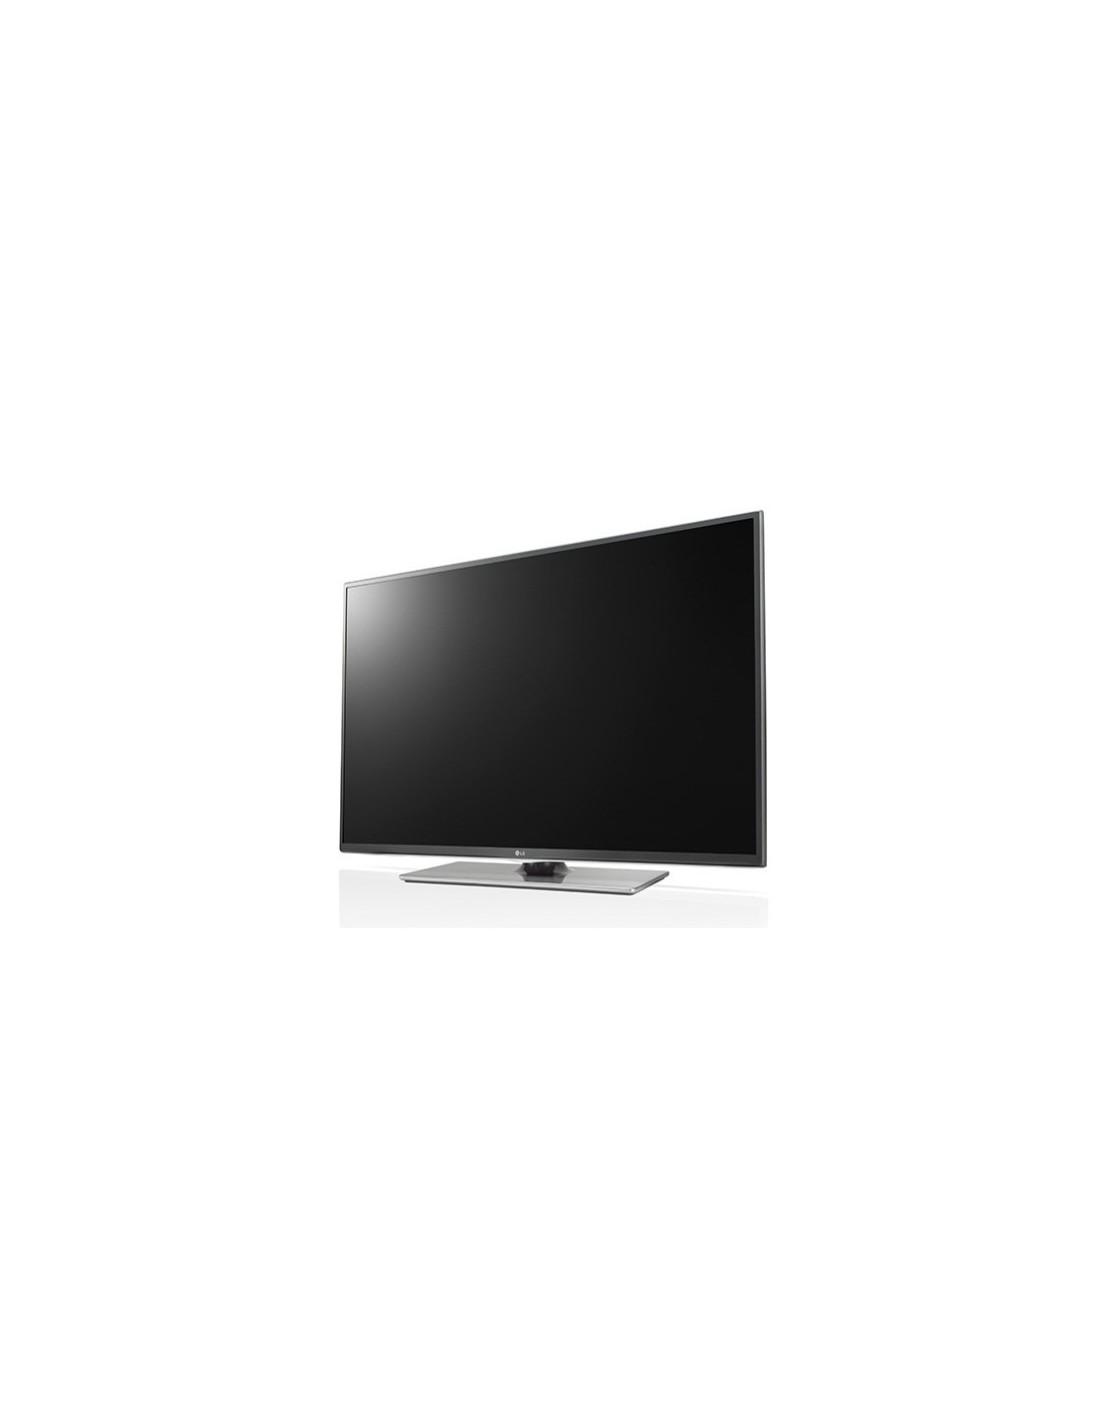 televiseur led lg 55 smart tv 3d. Black Bedroom Furniture Sets. Home Design Ideas